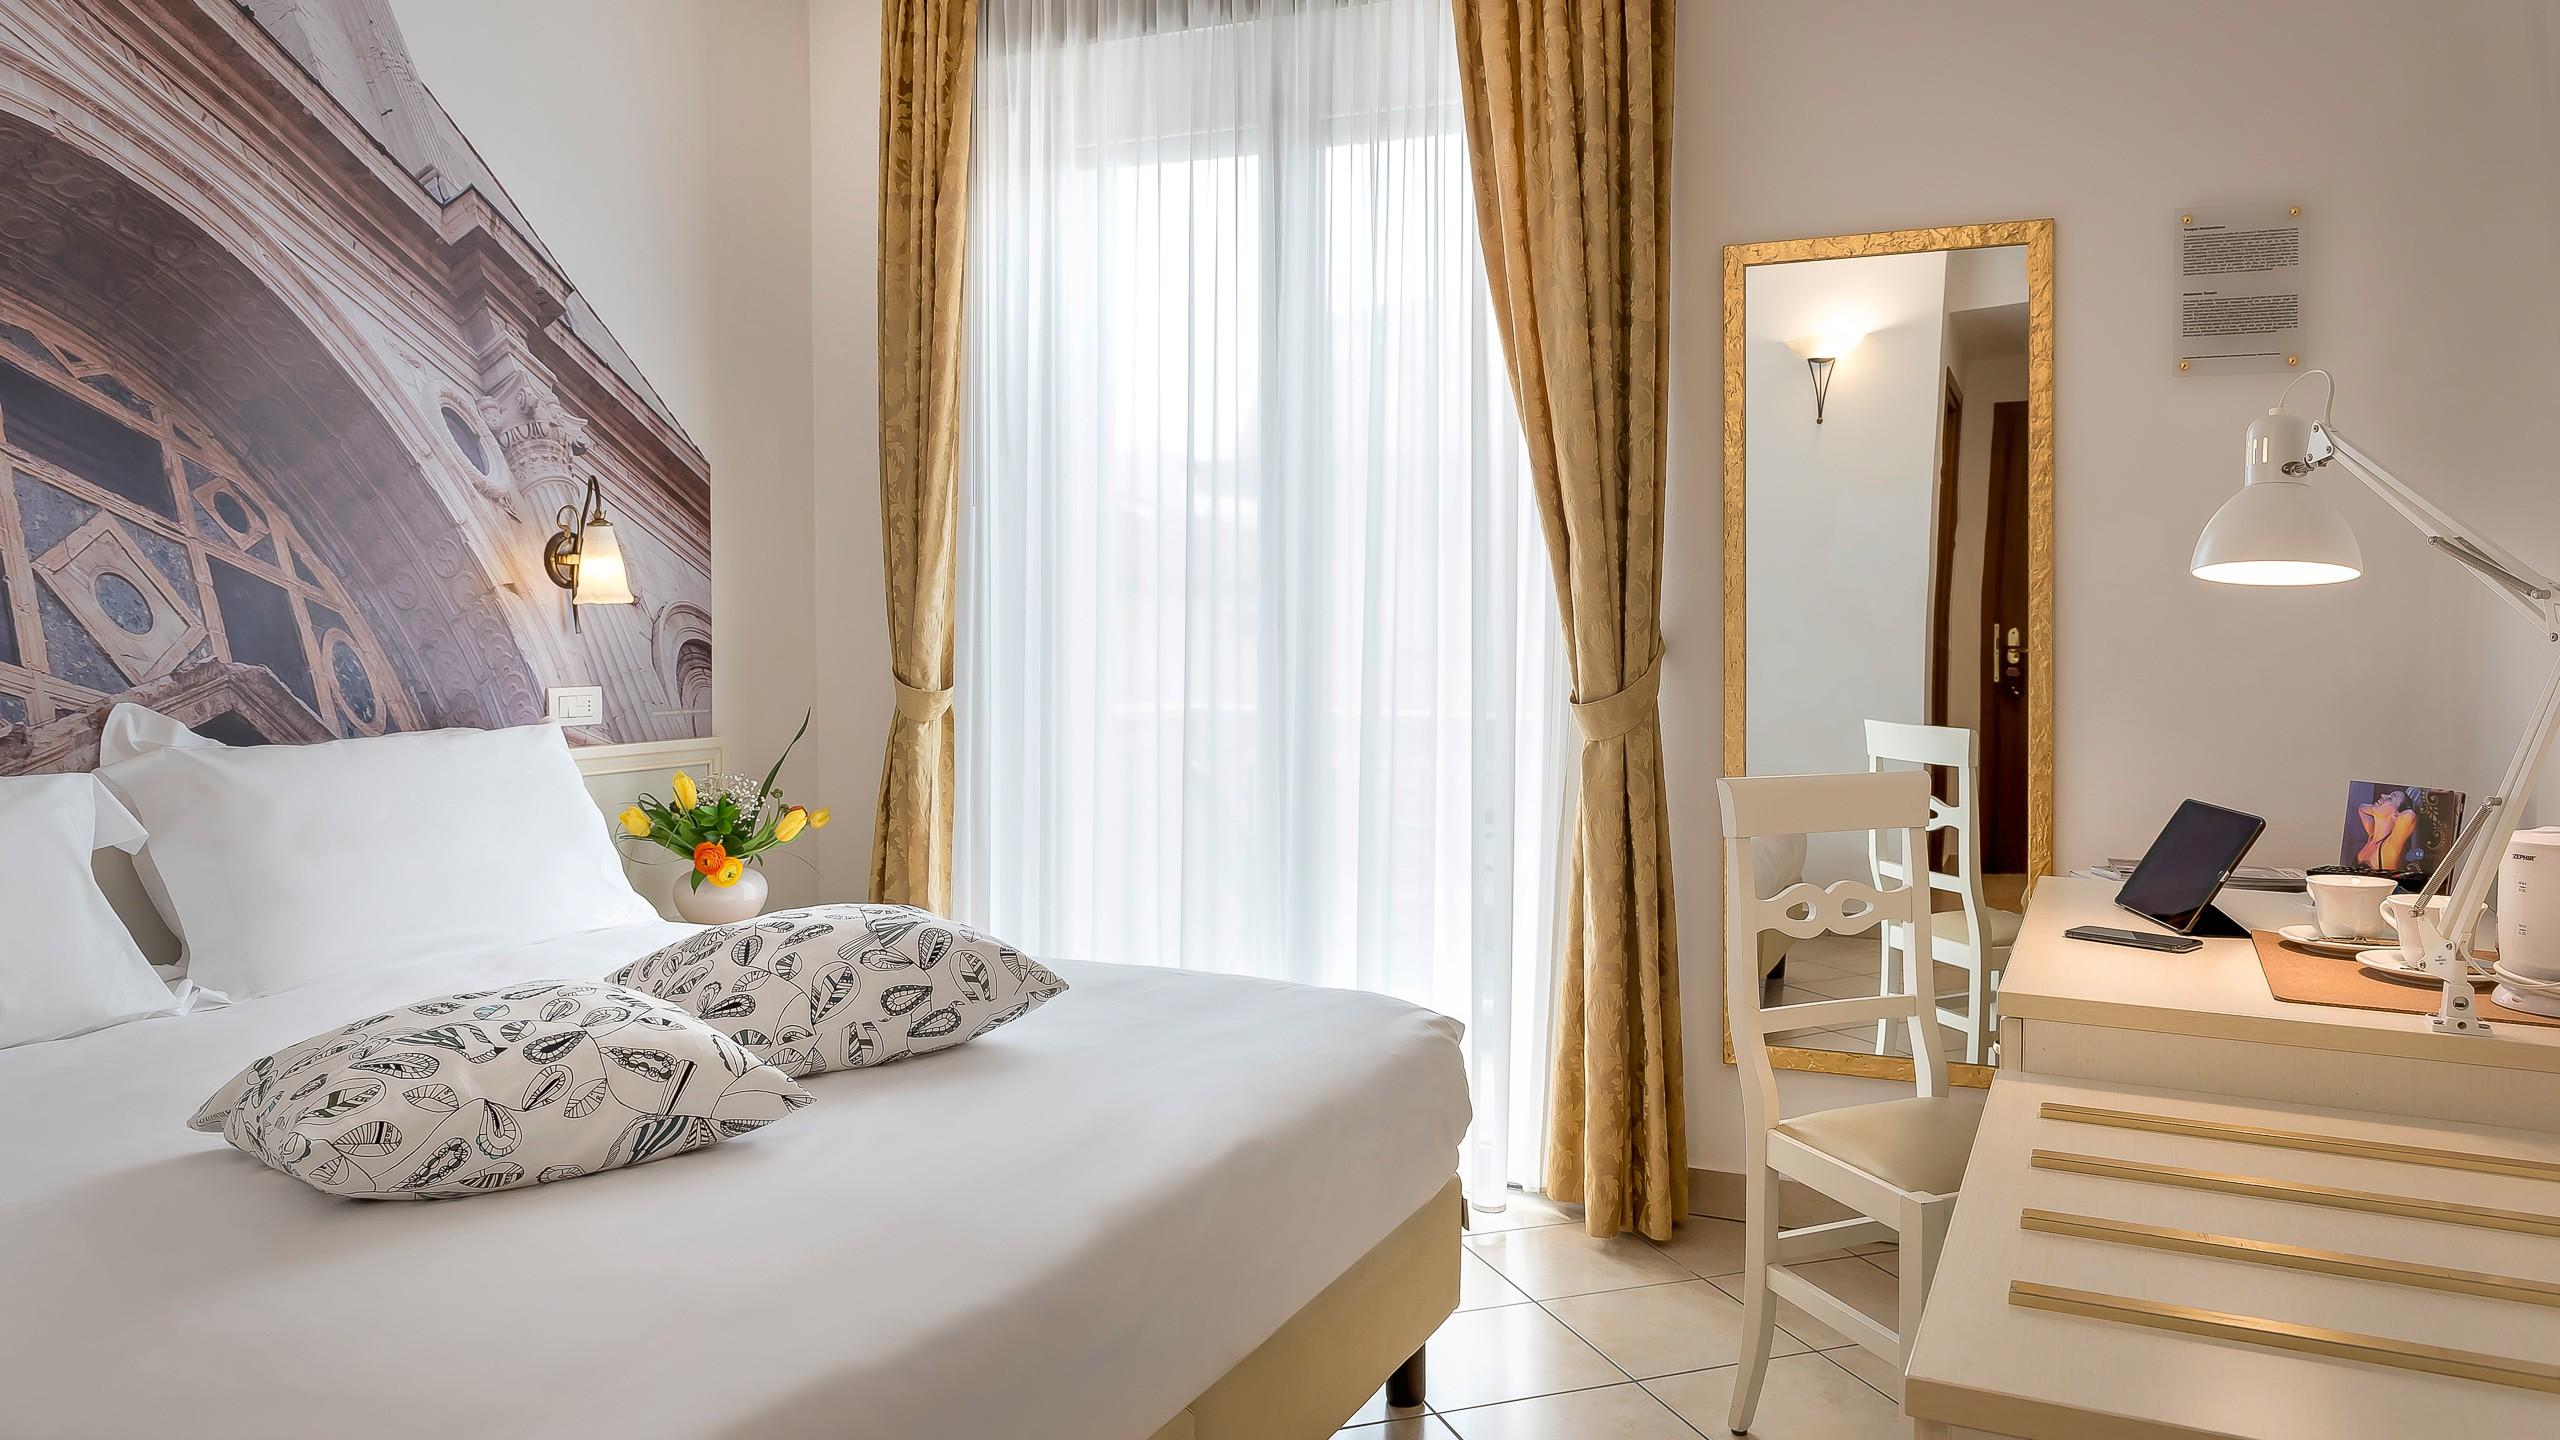 hotel-sovrana-&-spa-rimini-rooms-10-2